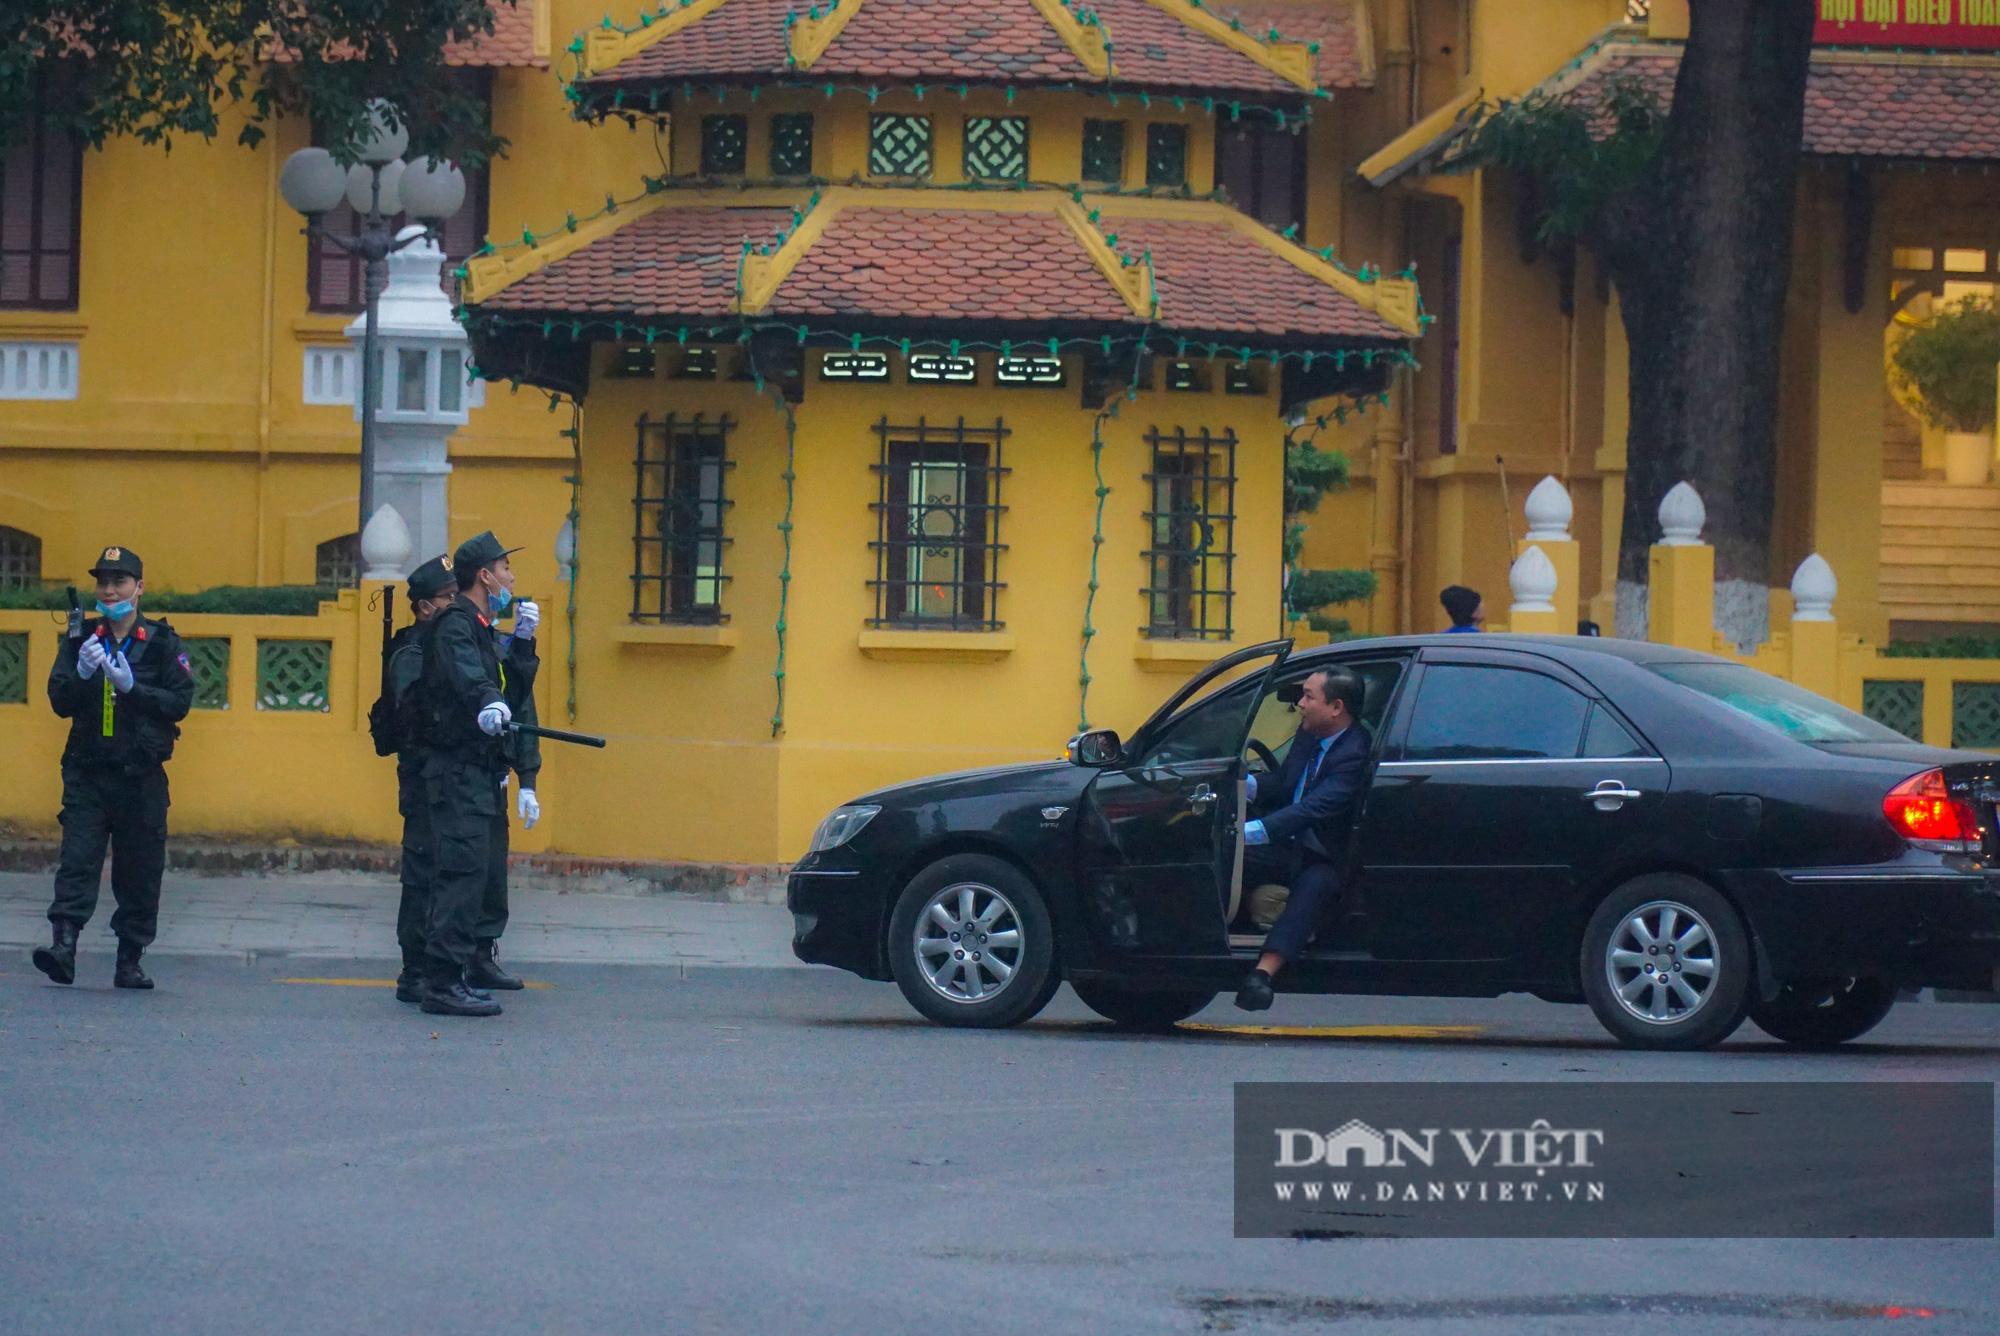 Hình ảnh đoàn xe đại biểu từ Lăng Bác về Trung tâm Hội nghị Quốc gia - Ảnh 3.